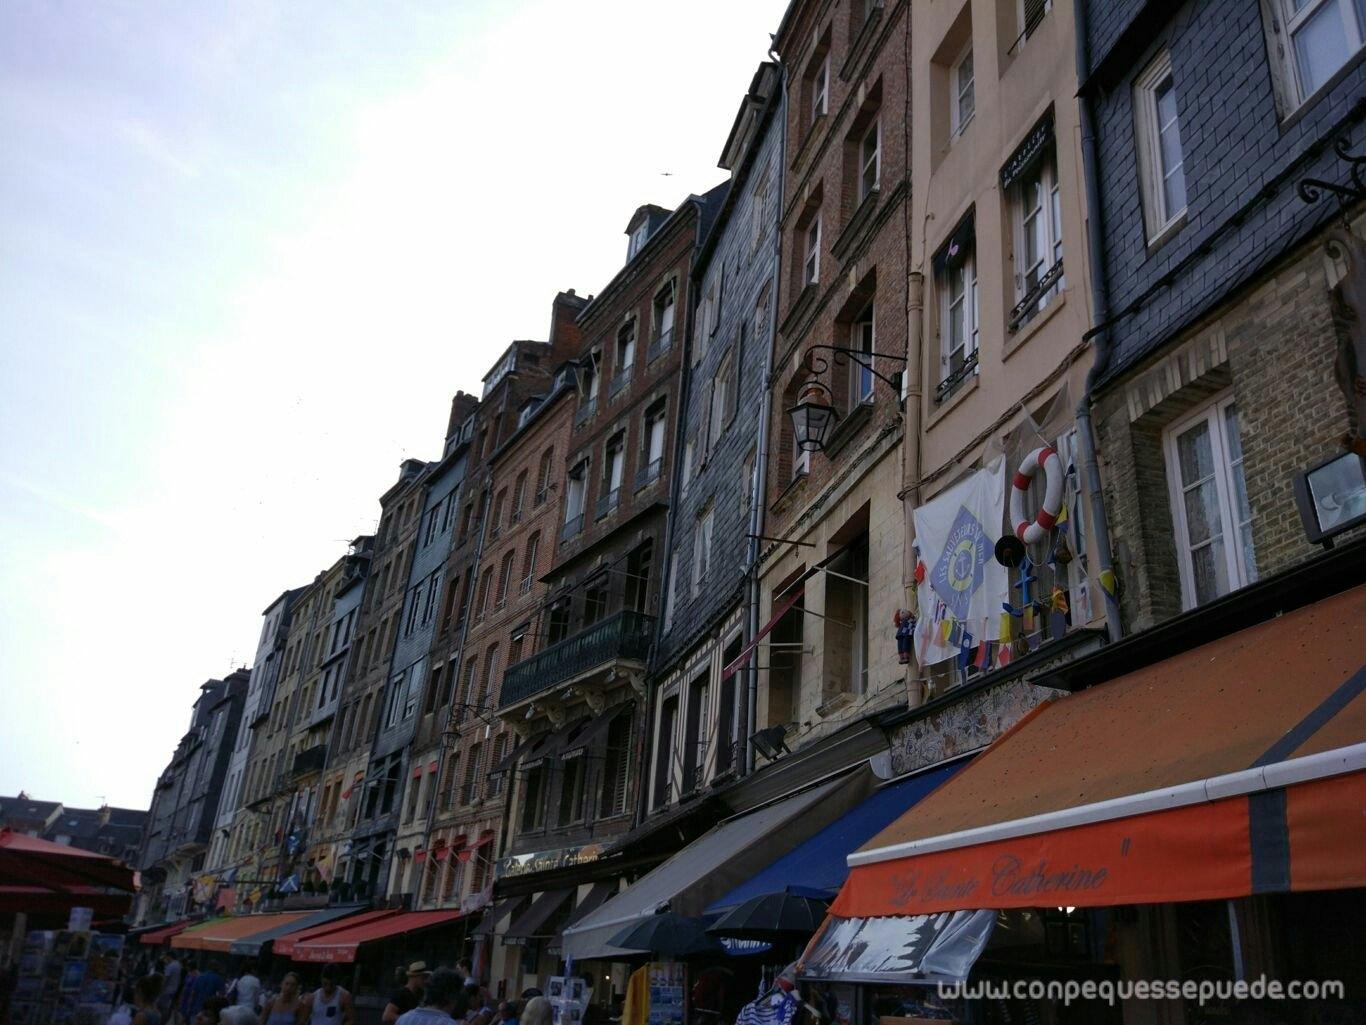 Las casas de colores de Honfleur